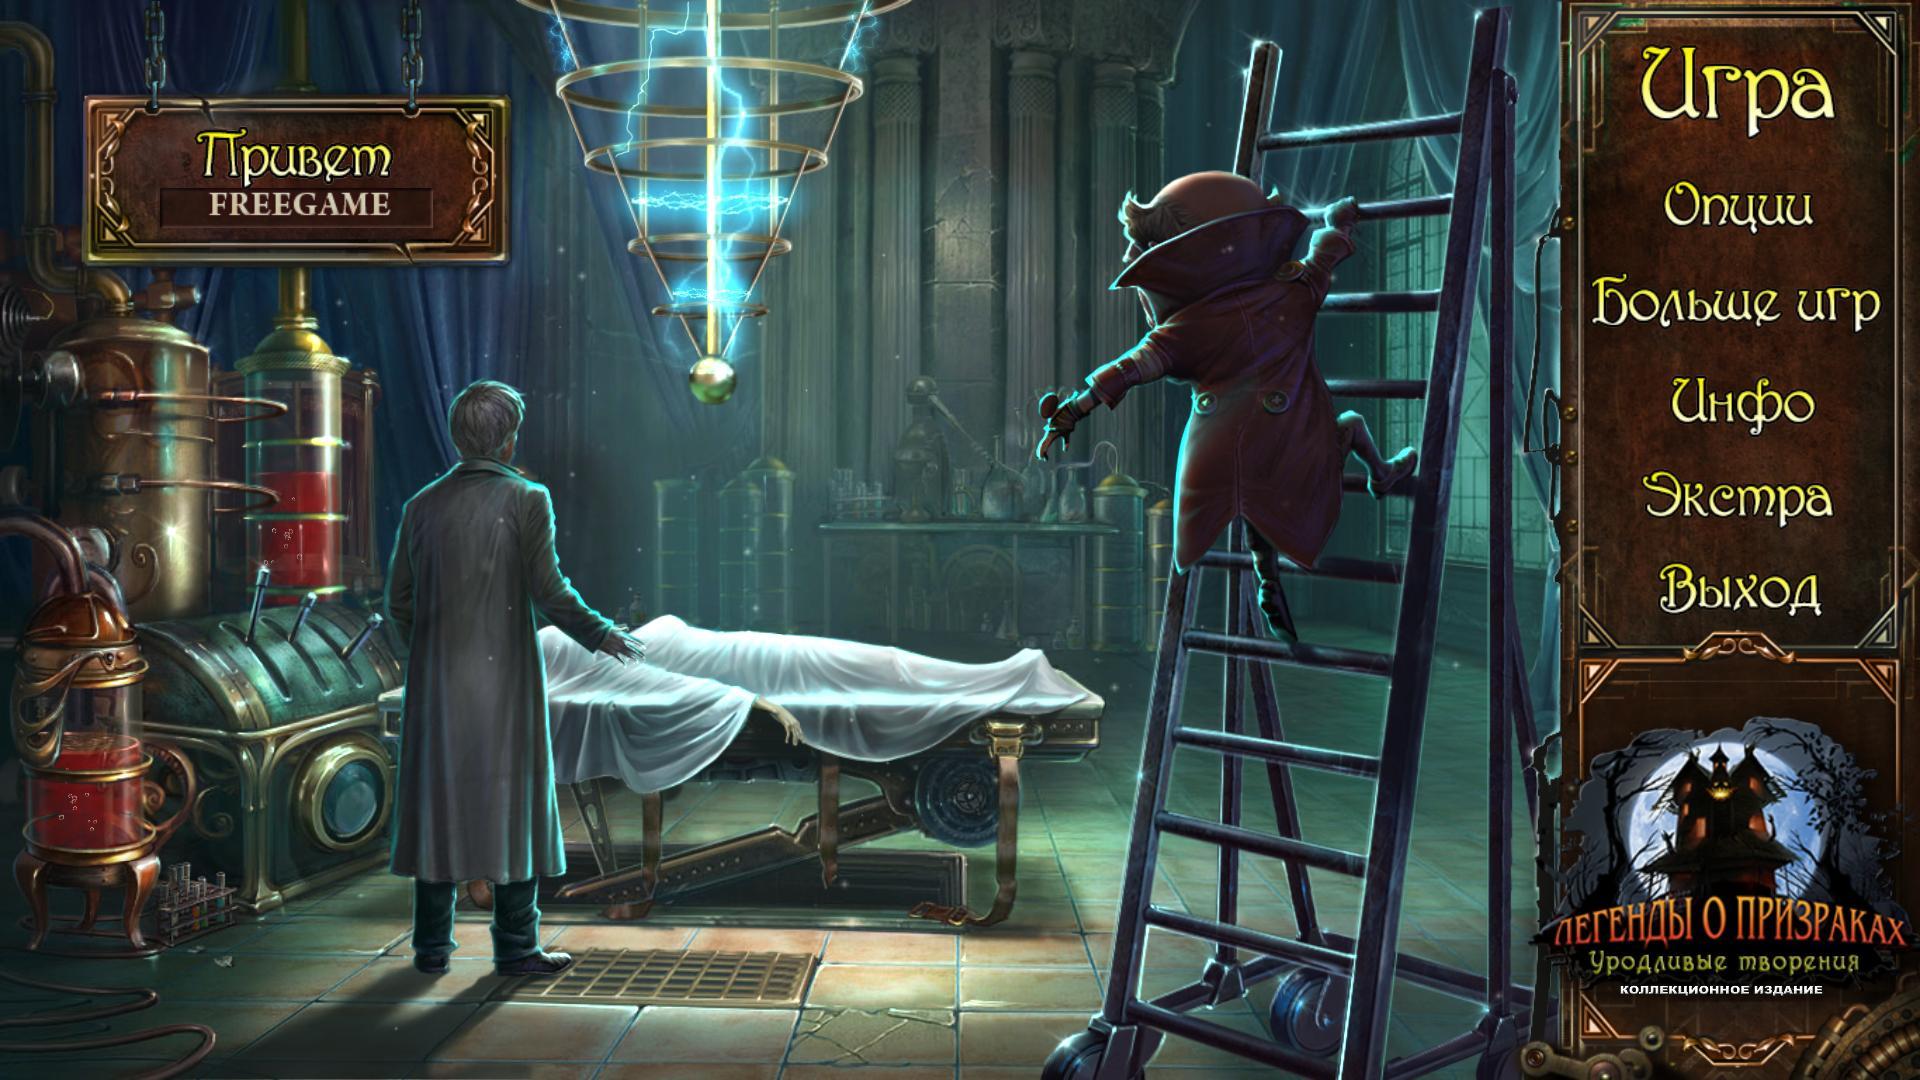 Легенды о призраках 9: Уродливые творения. Коллекционное издание | Haunted Legends 9: Faulty Creatures CE (Rus)